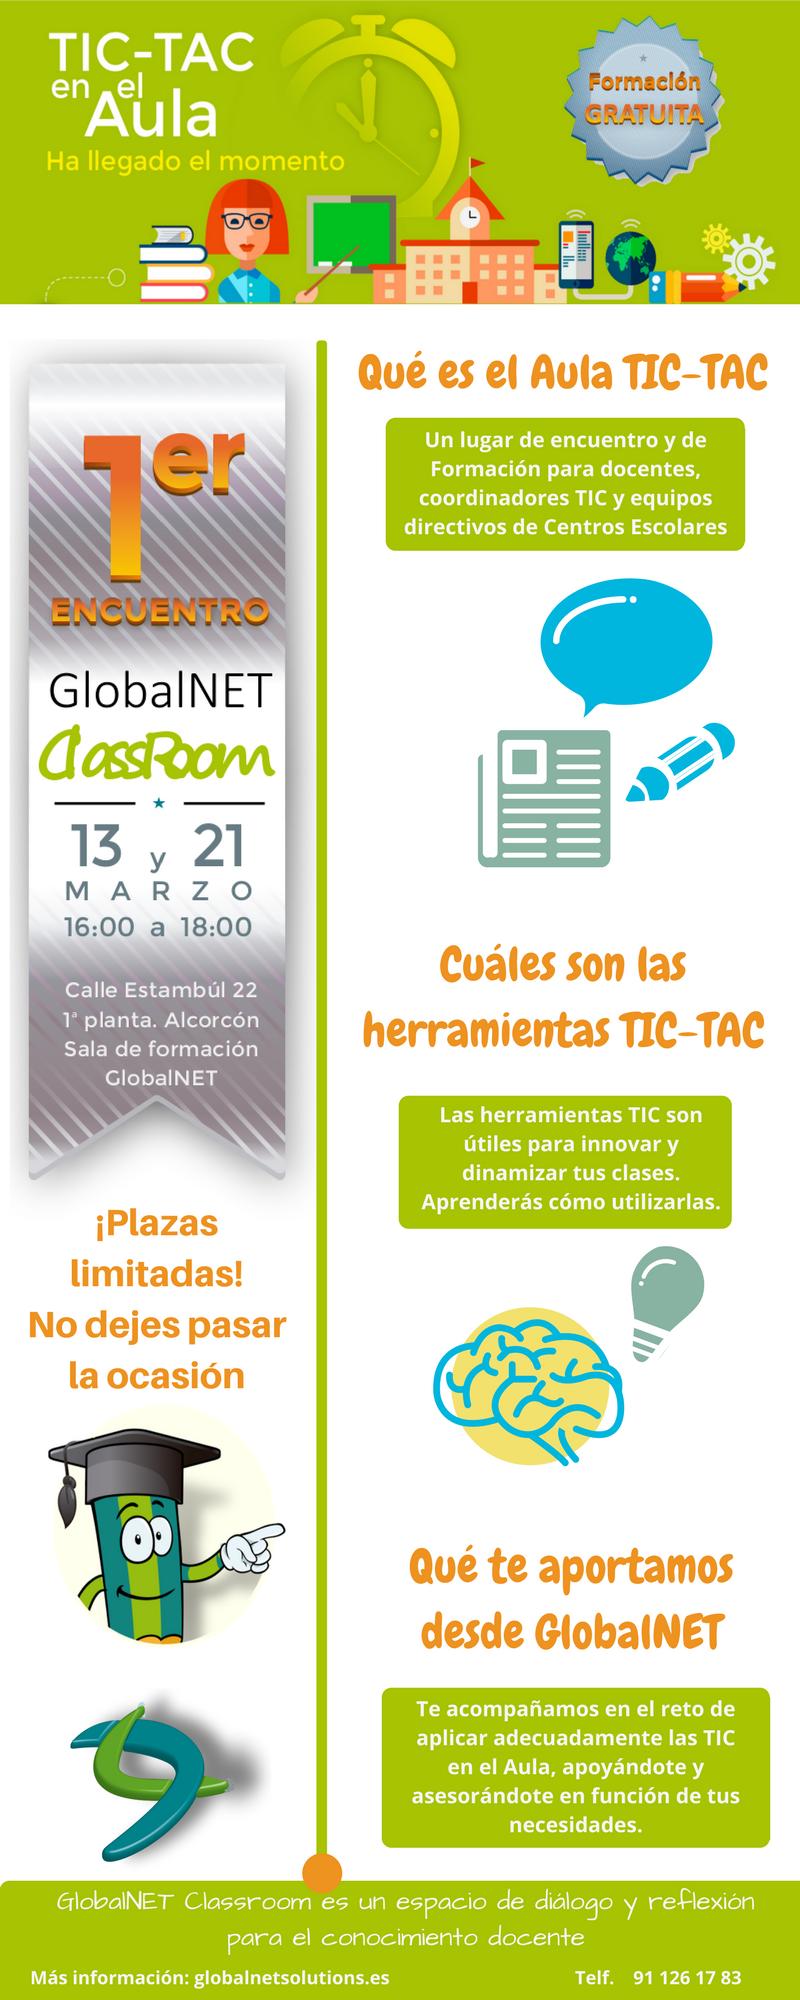 GNS Classroom - Aula TIC-TAC